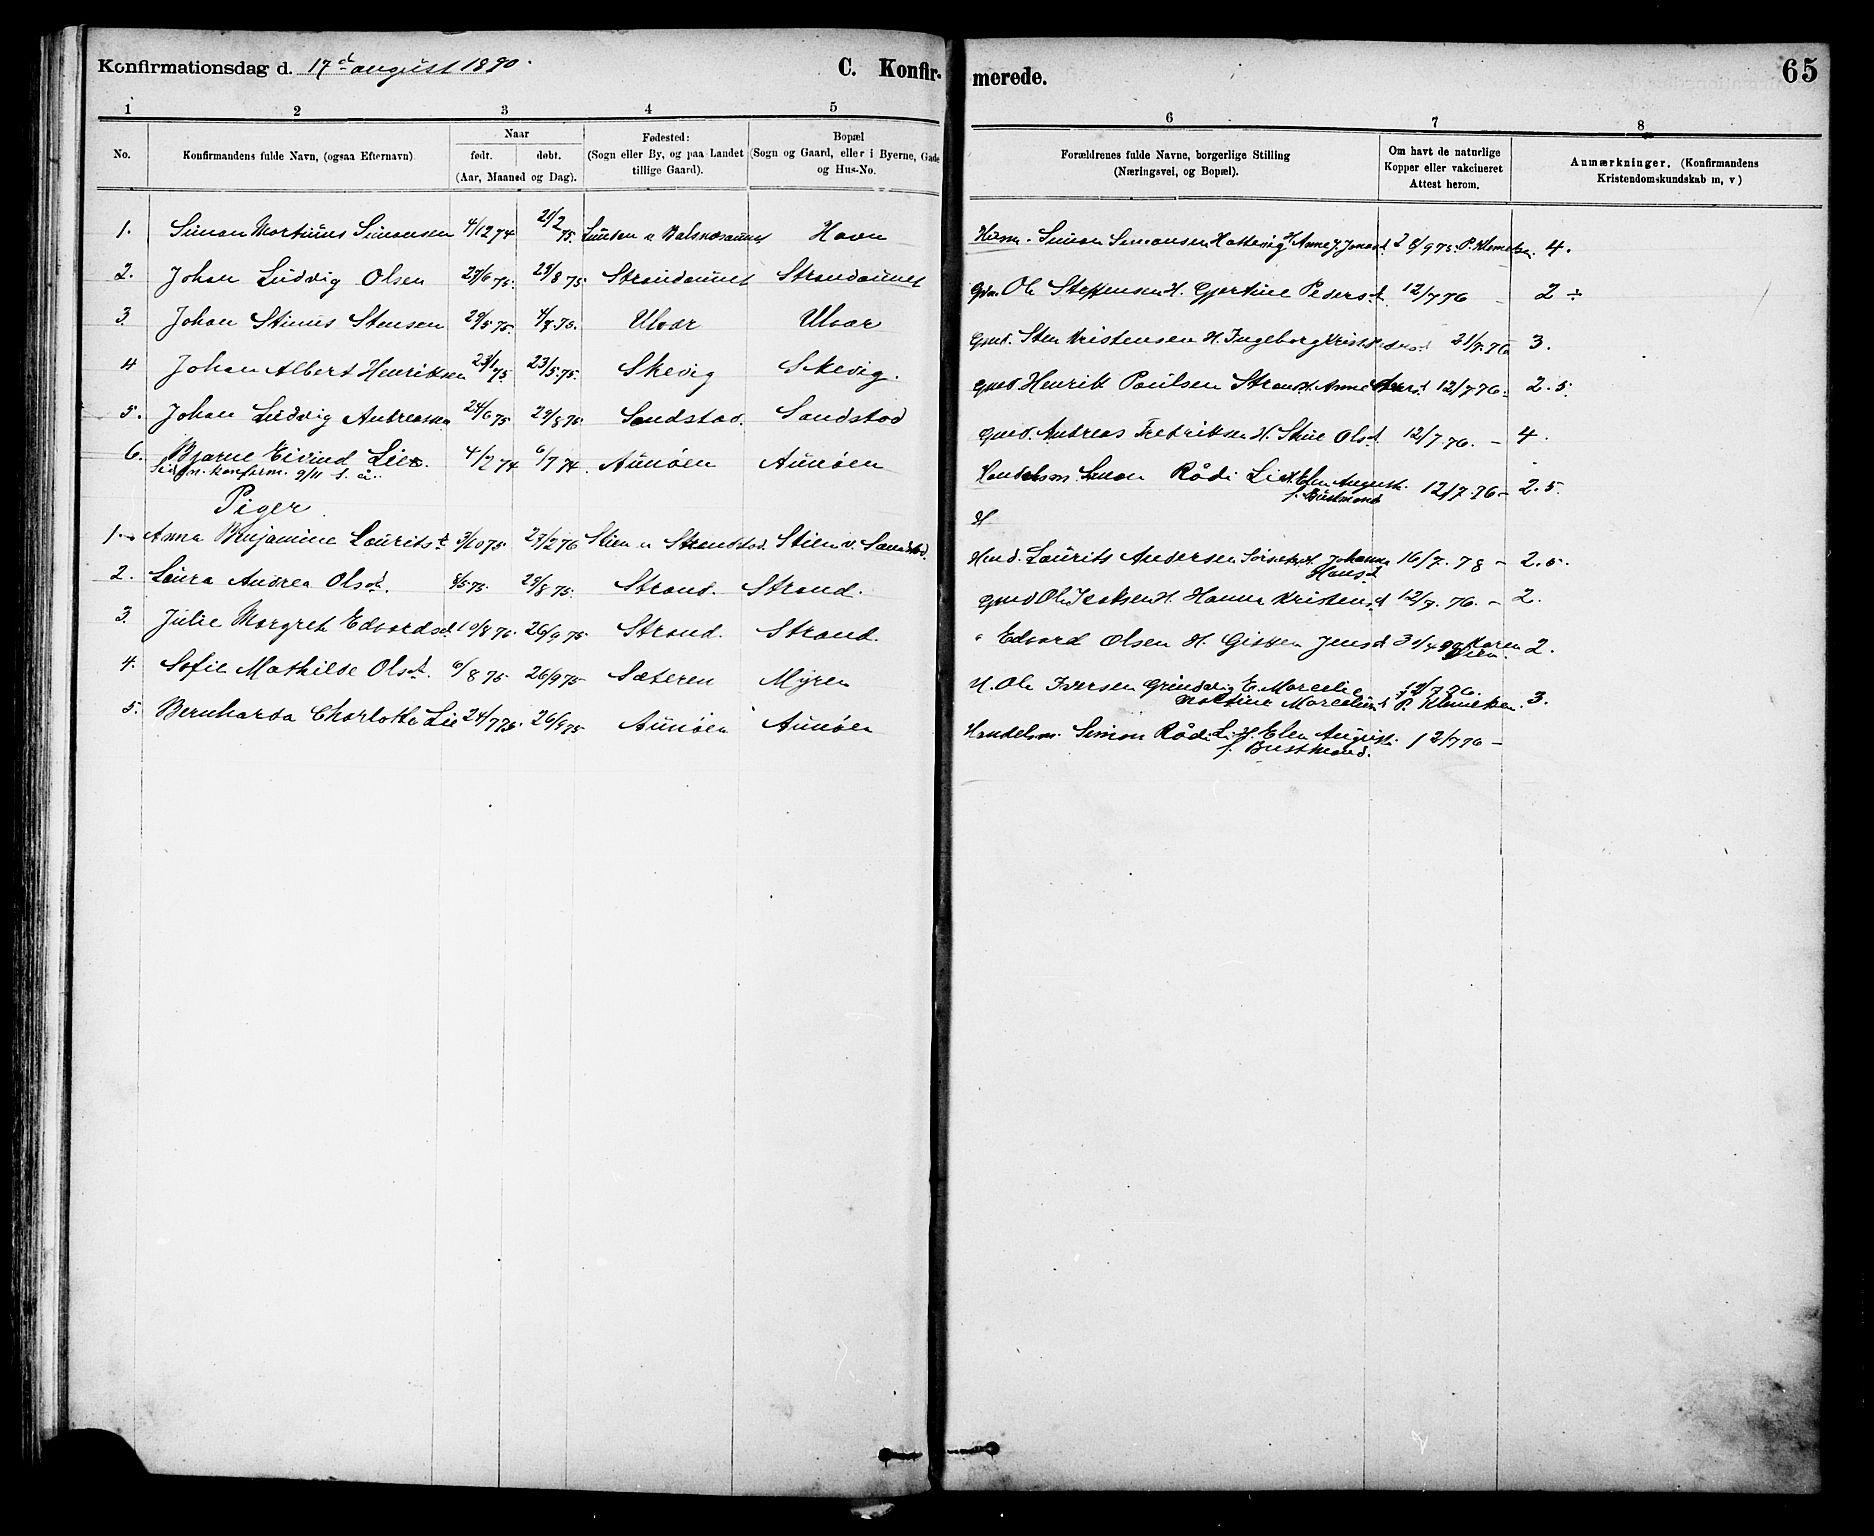 SAT, Ministerialprotokoller, klokkerbøker og fødselsregistre - Sør-Trøndelag, 639/L0573: Klokkerbok nr. 639C01, 1890-1905, s. 65